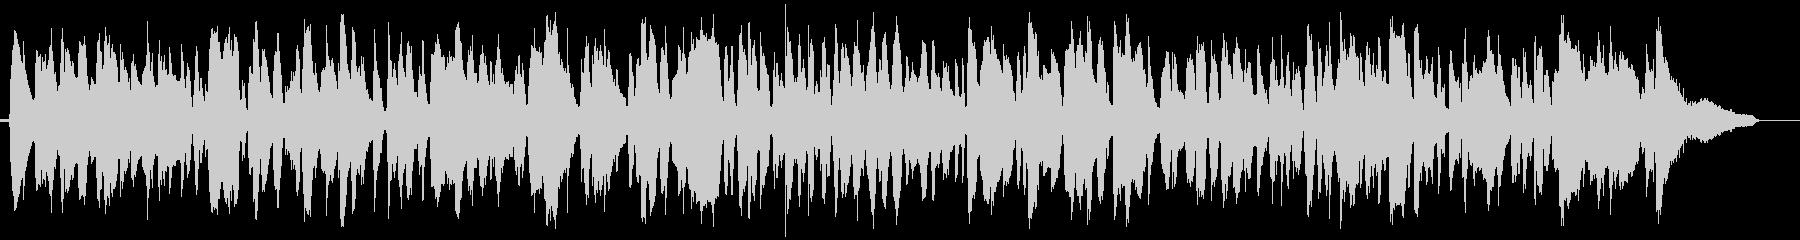 ハーモニカ生演奏マイナー調ボサノバソロ風の未再生の波形